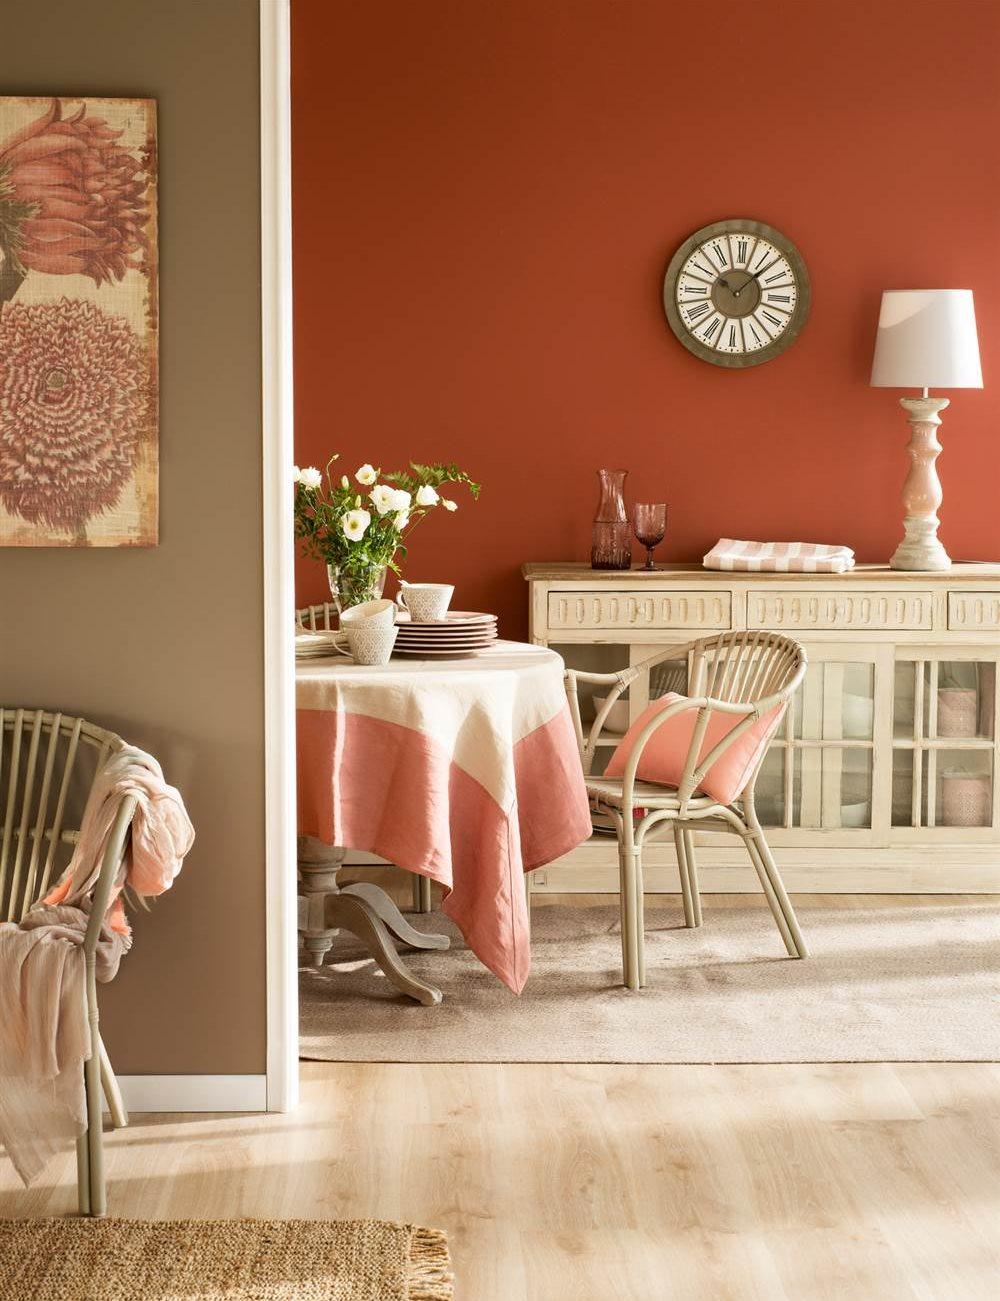 Las claves para combinar los colores en la decoracin y los muebles